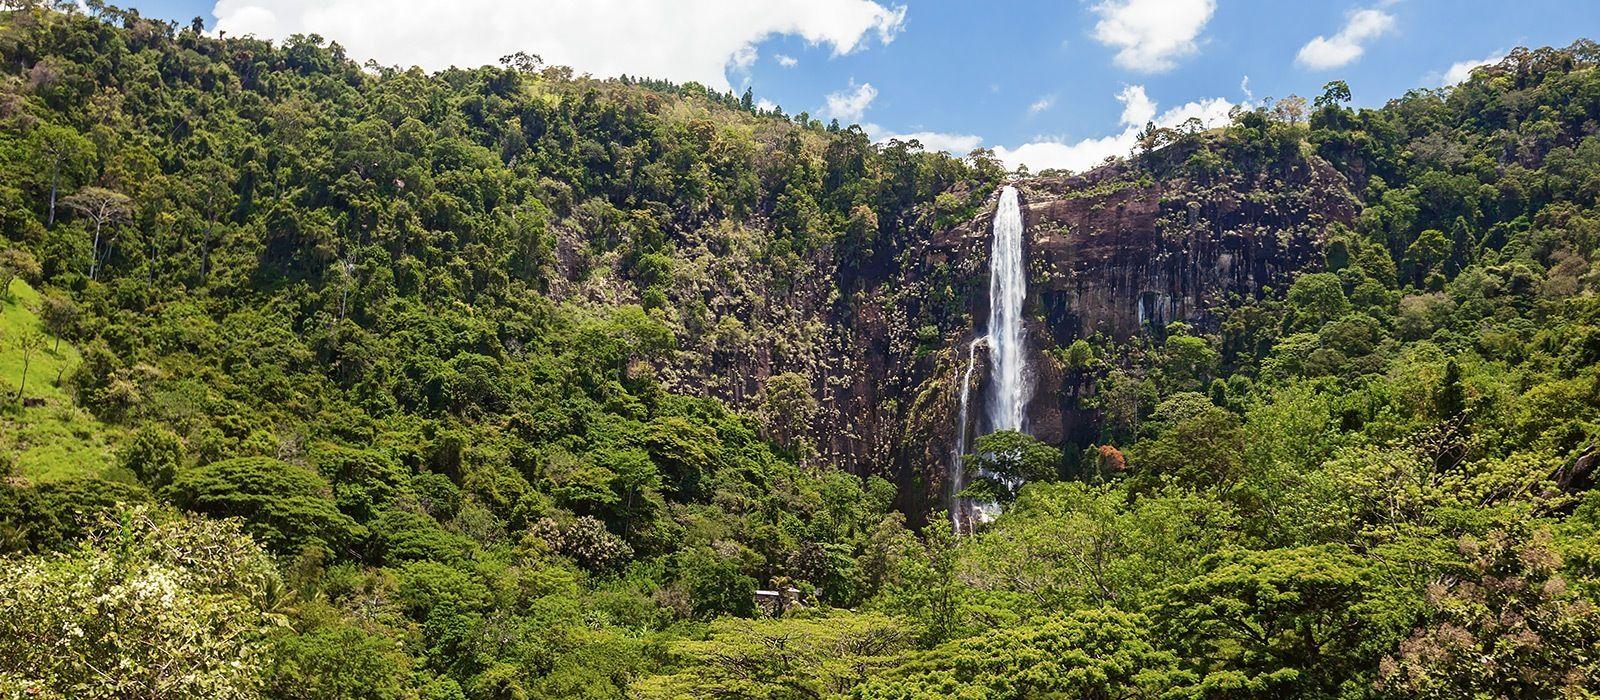 Luxurious Introduction to Sri Lanka Tour Trip 7